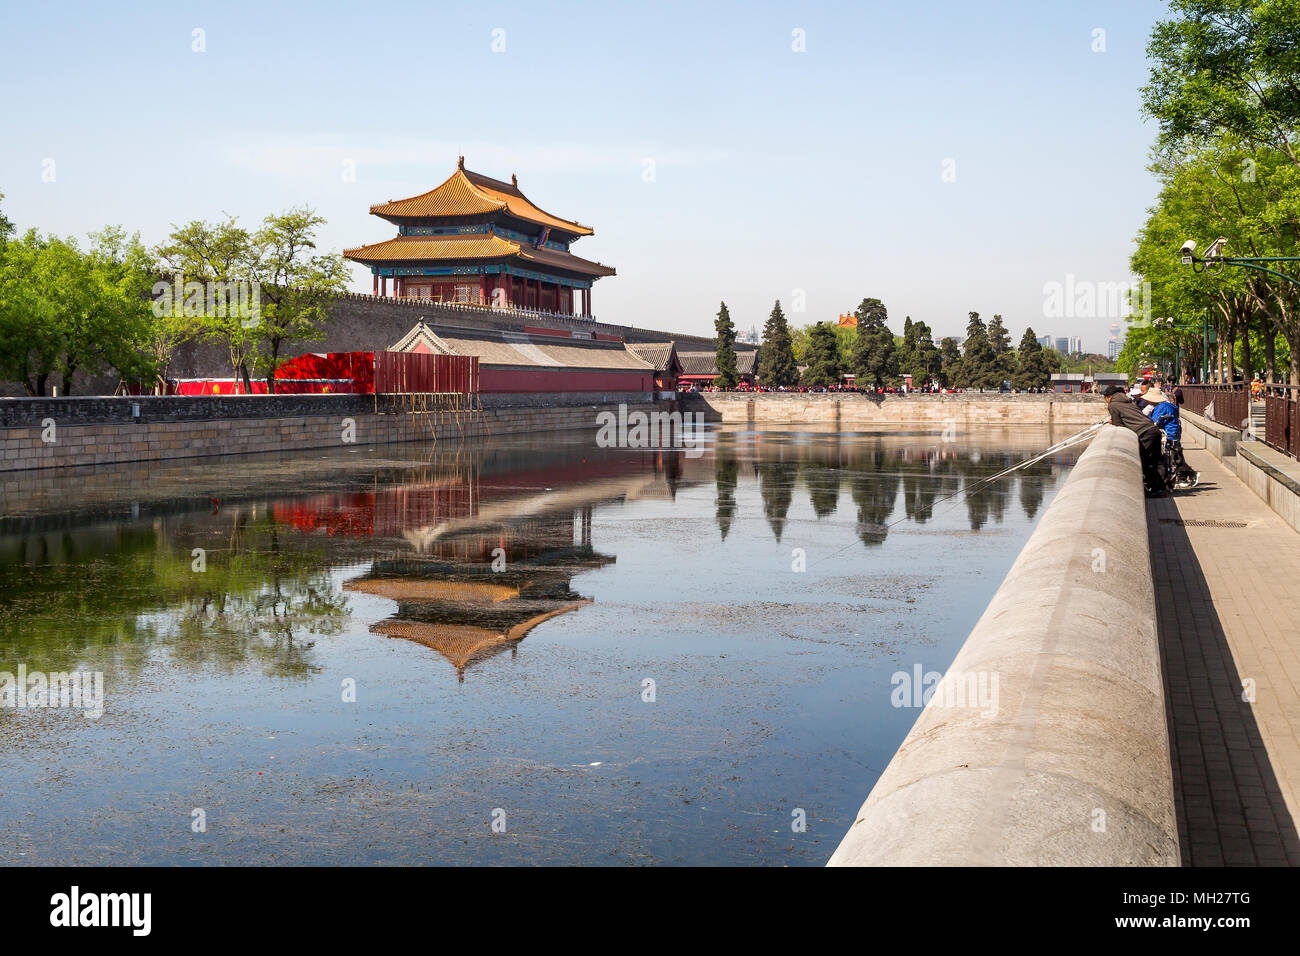 Un groupe d'amis la capture de poissons dans les douves qui entourent la Cité Interdite, Pékin, Chine. Au loin le portail nord et des foules de touristes. Banque D'Images